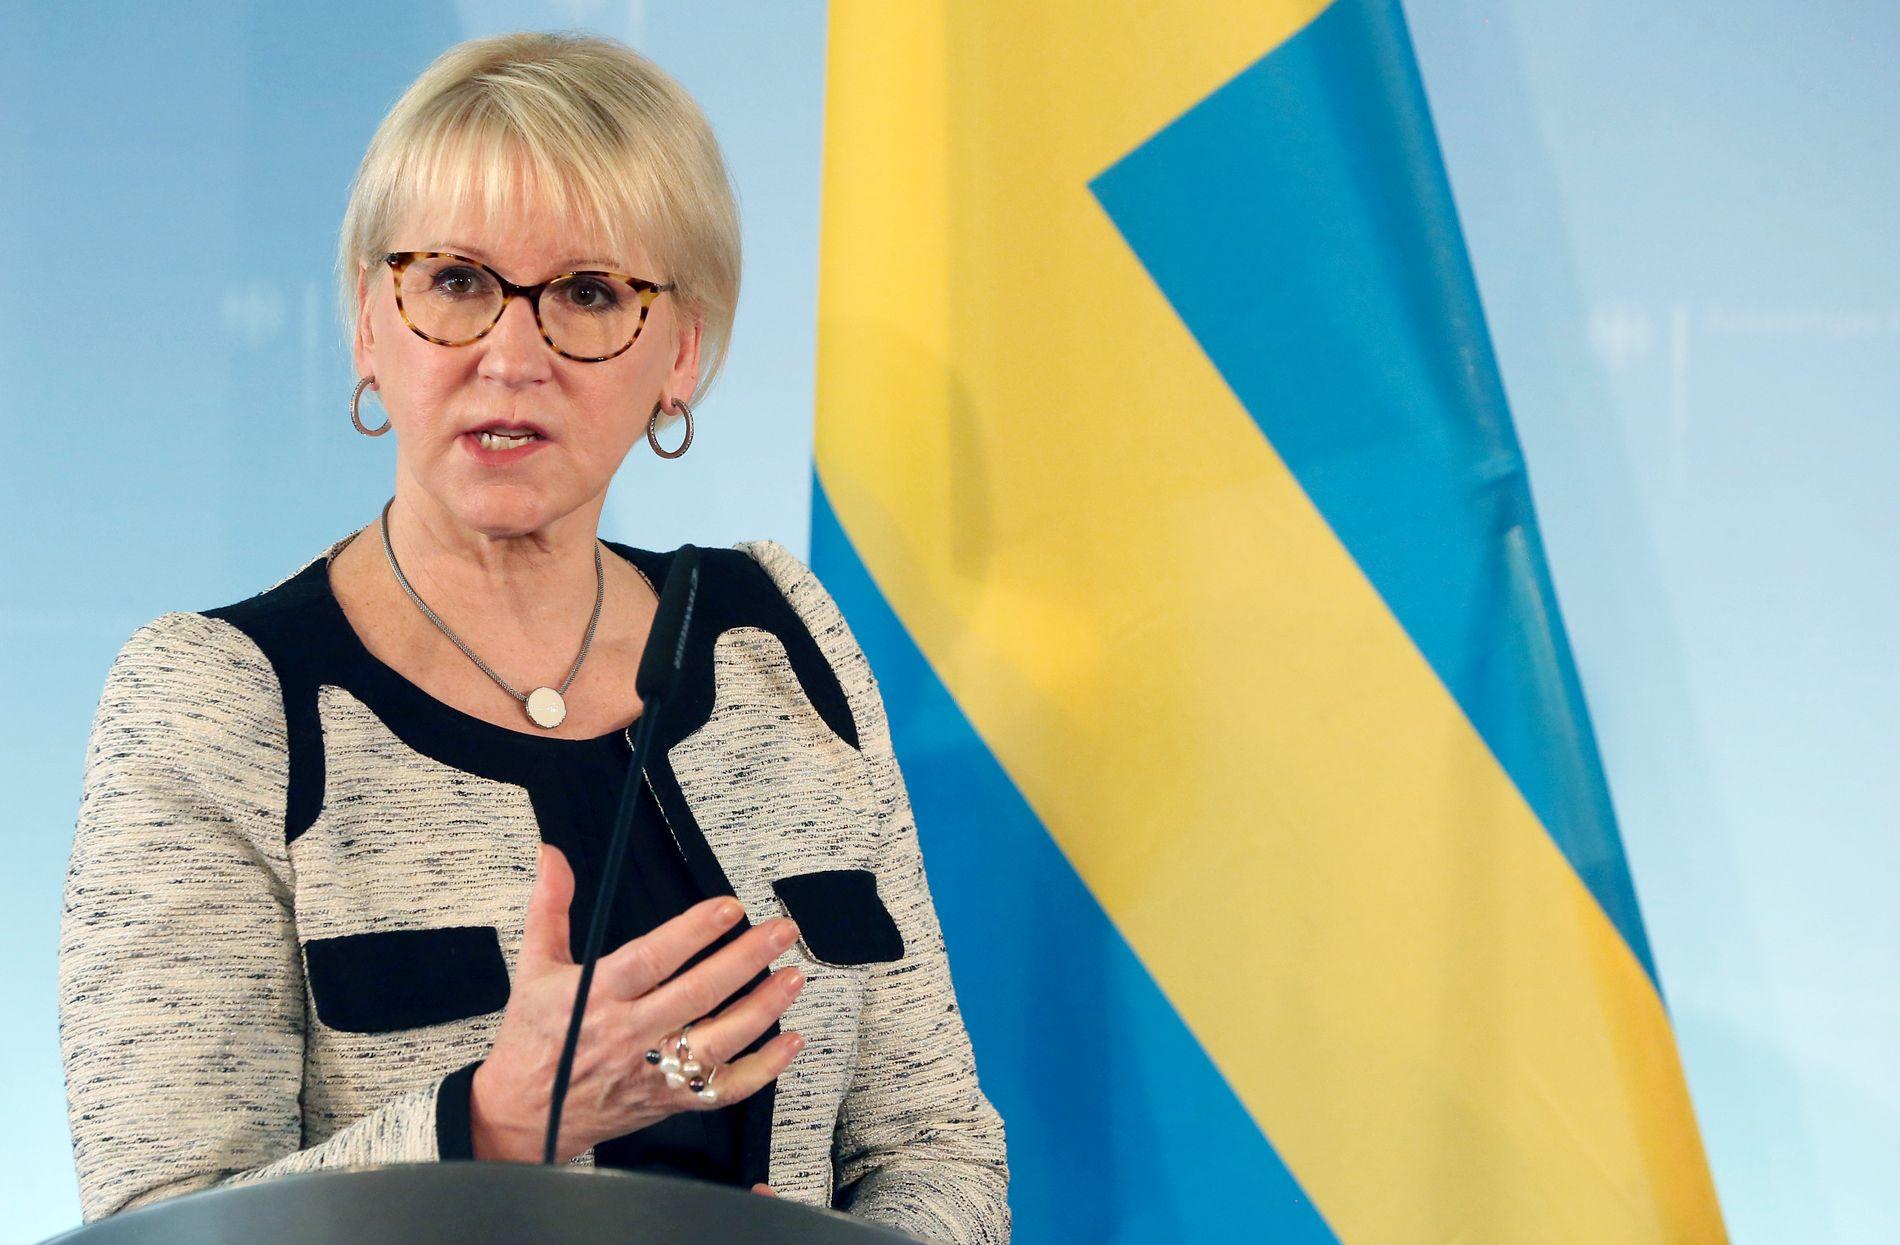 ALVORLIG: Sveriges utenriksminister, Margot Wallström (S), mener det viktigste er å hindre at Sverigedemokraterna kommer til makten.